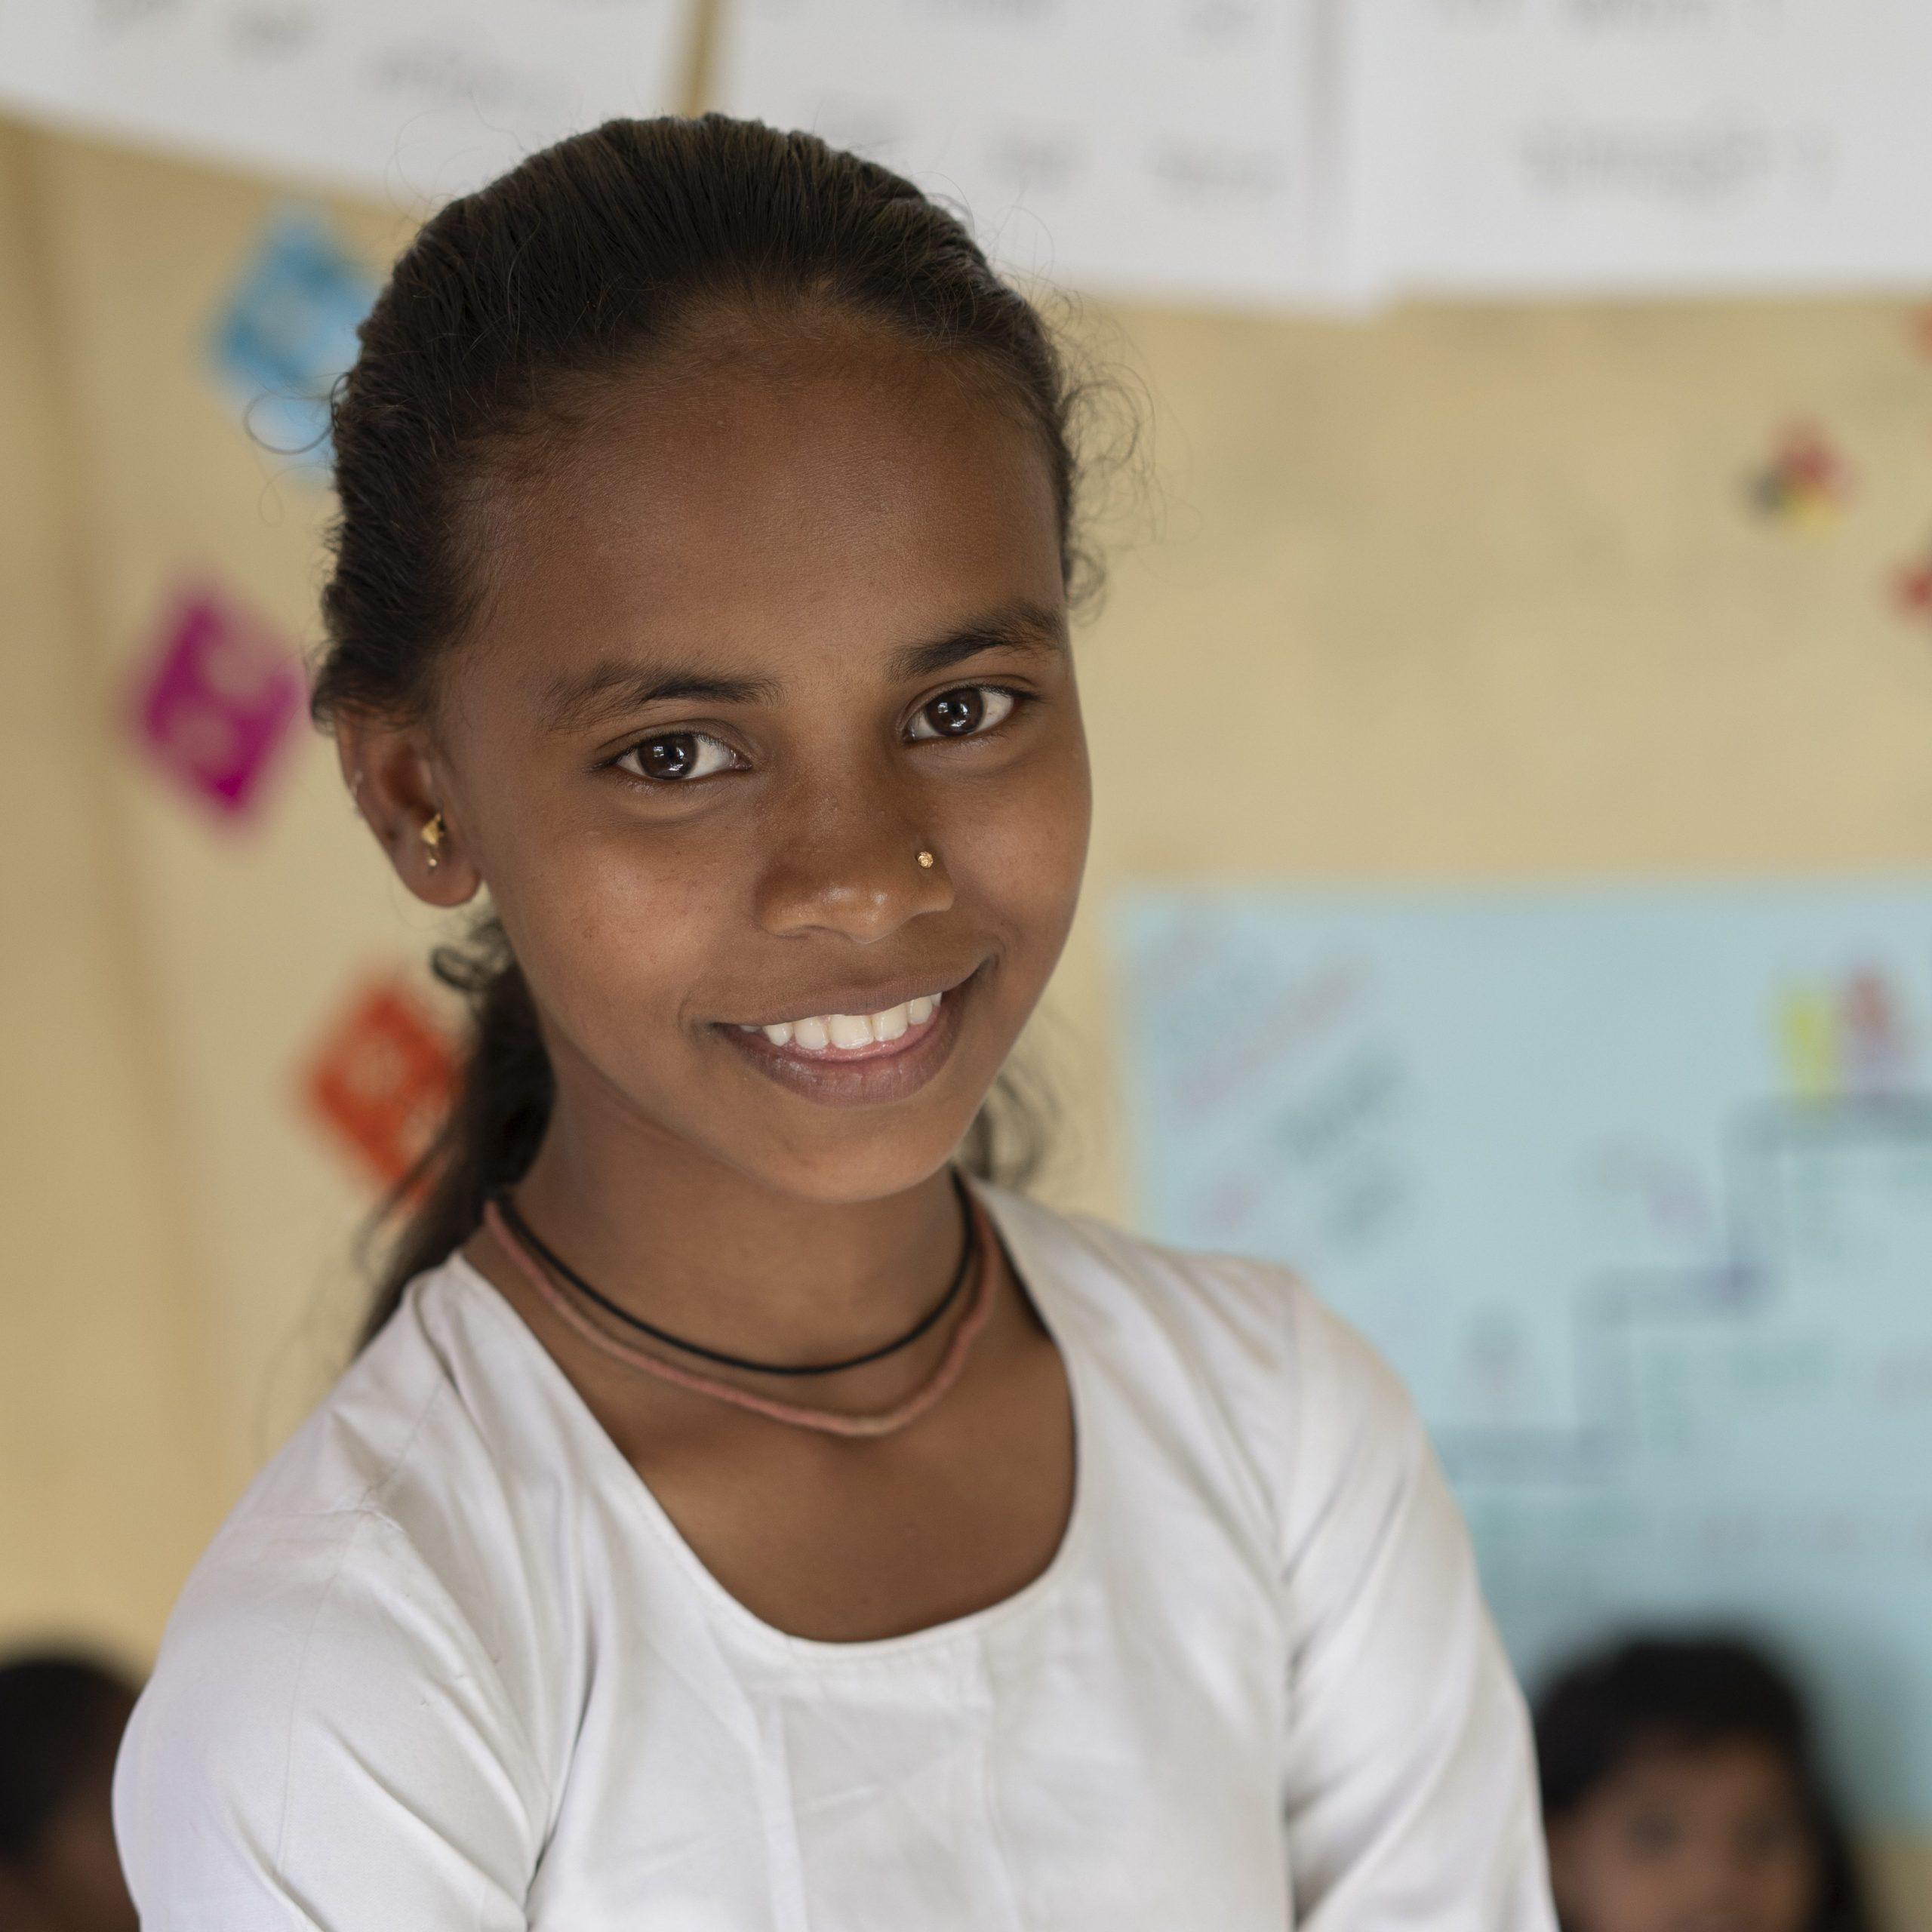 Shamina portrait